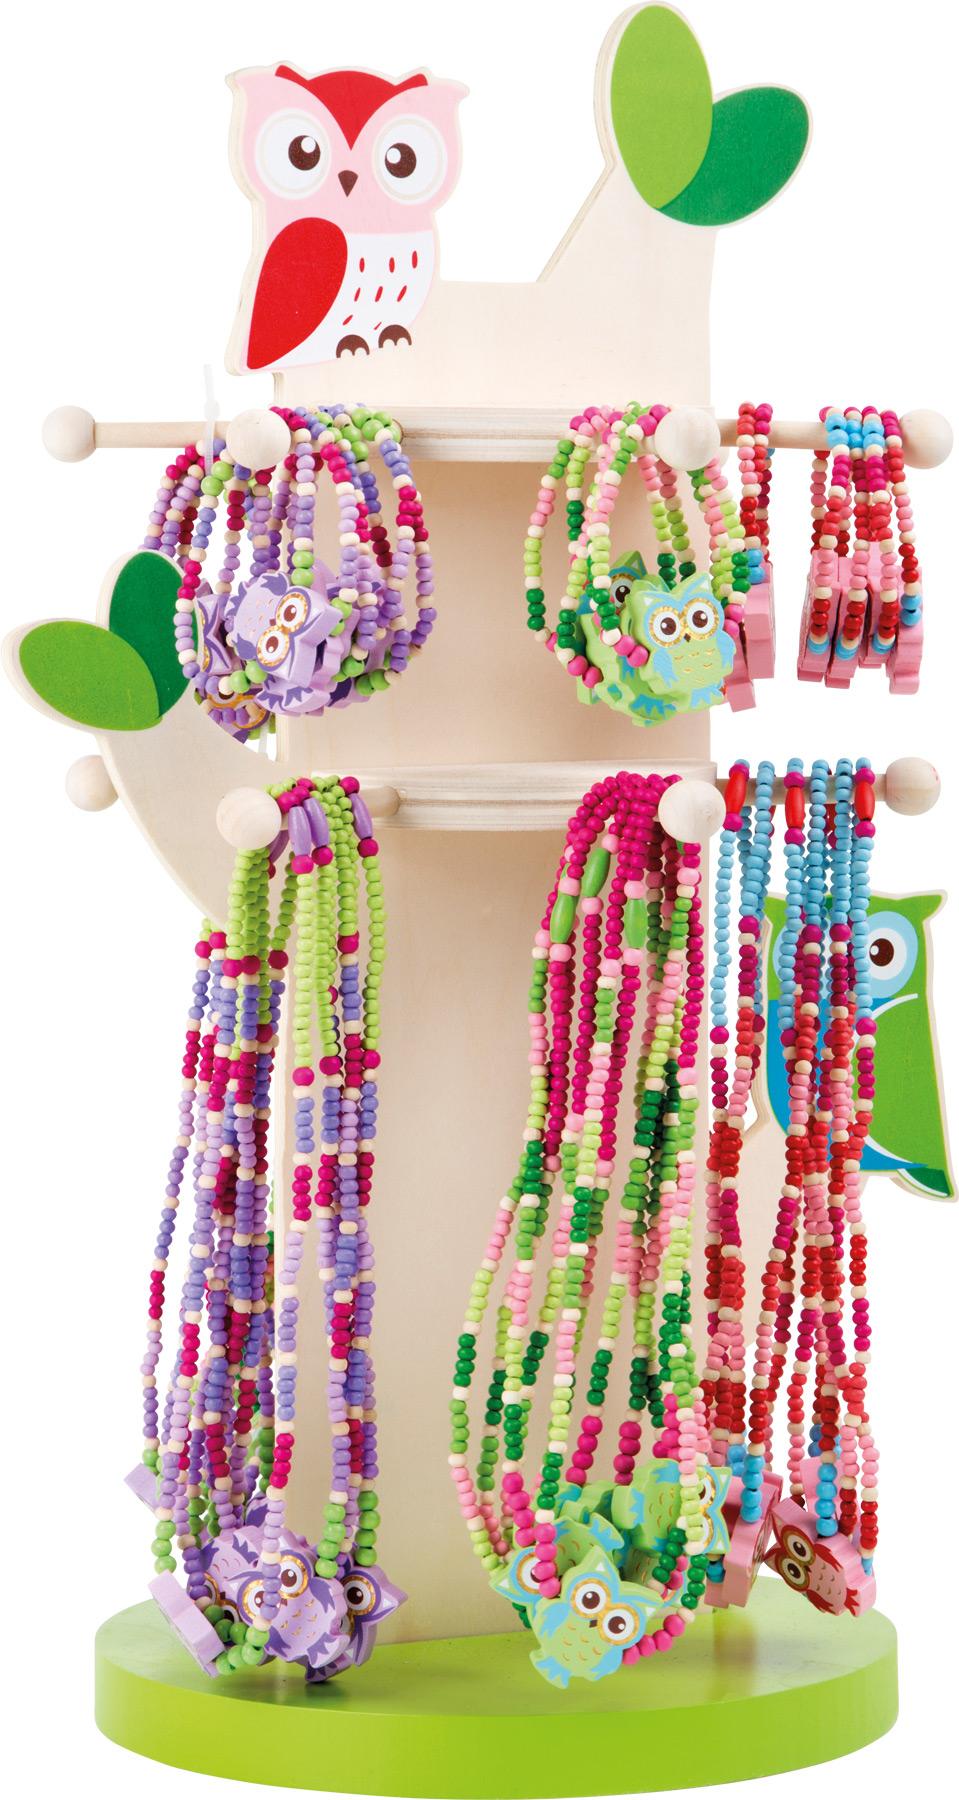 Display gioielli con civette gioielli per bambini cameretta dei bambini e accessori products - Accessori camerette bambini ...